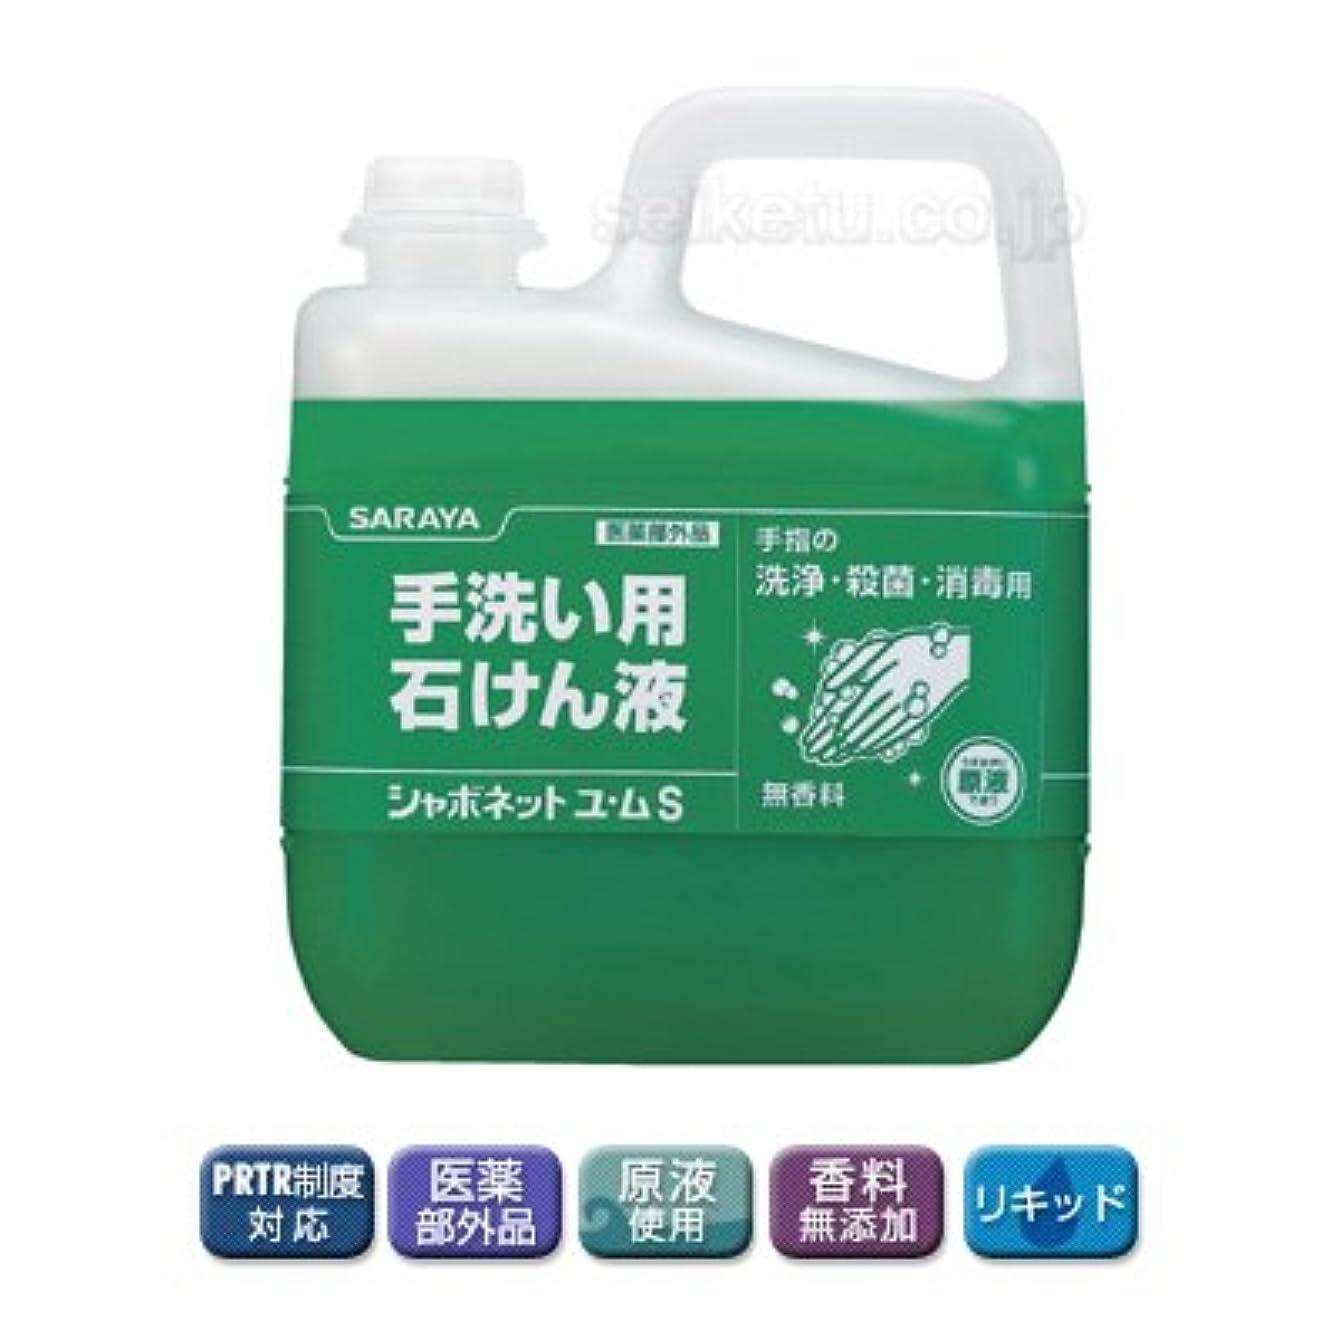 最も船員可能性【清潔キレイ館】サラヤ シャボネット石鹸液ユ?ムS(5kg)